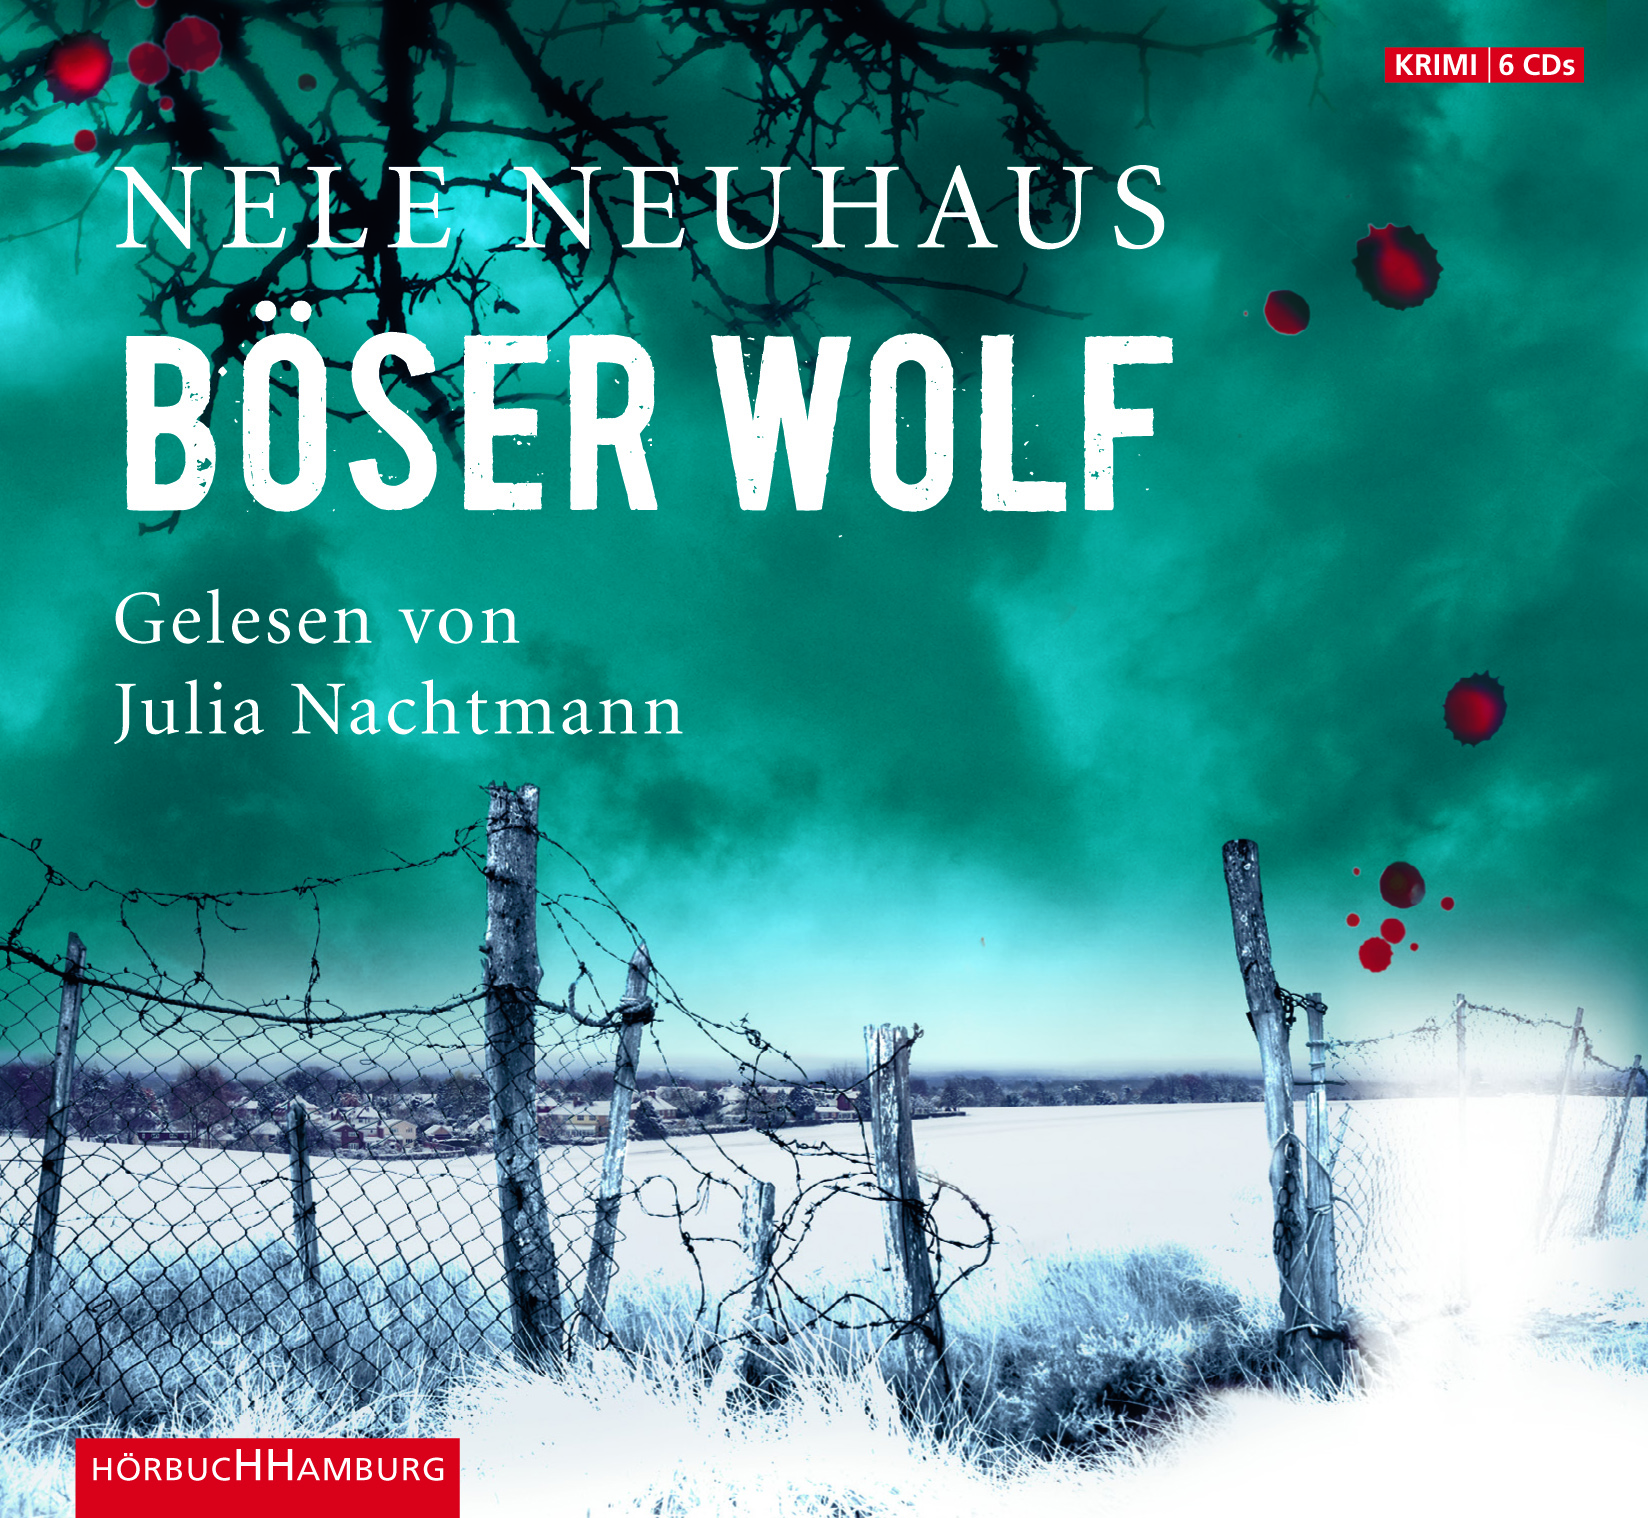 Cover für das Böser Wolf Hörbuch